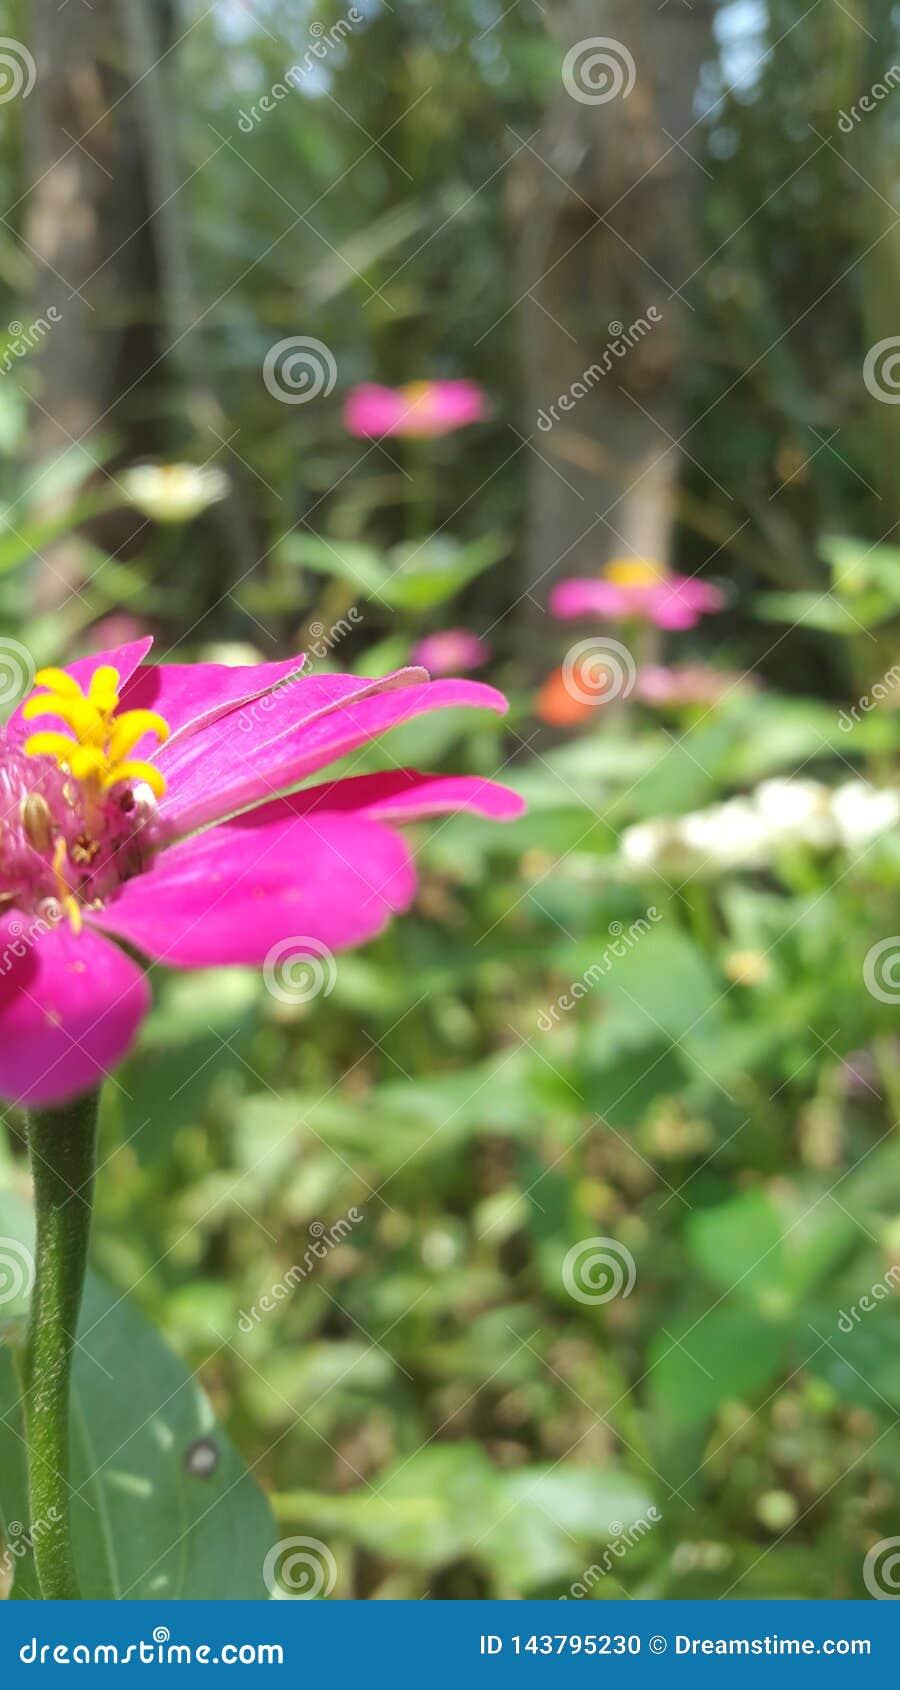 Natürliche Dekoration von Blumen gibt Rest zu den Augenlidern u. zum Verstand